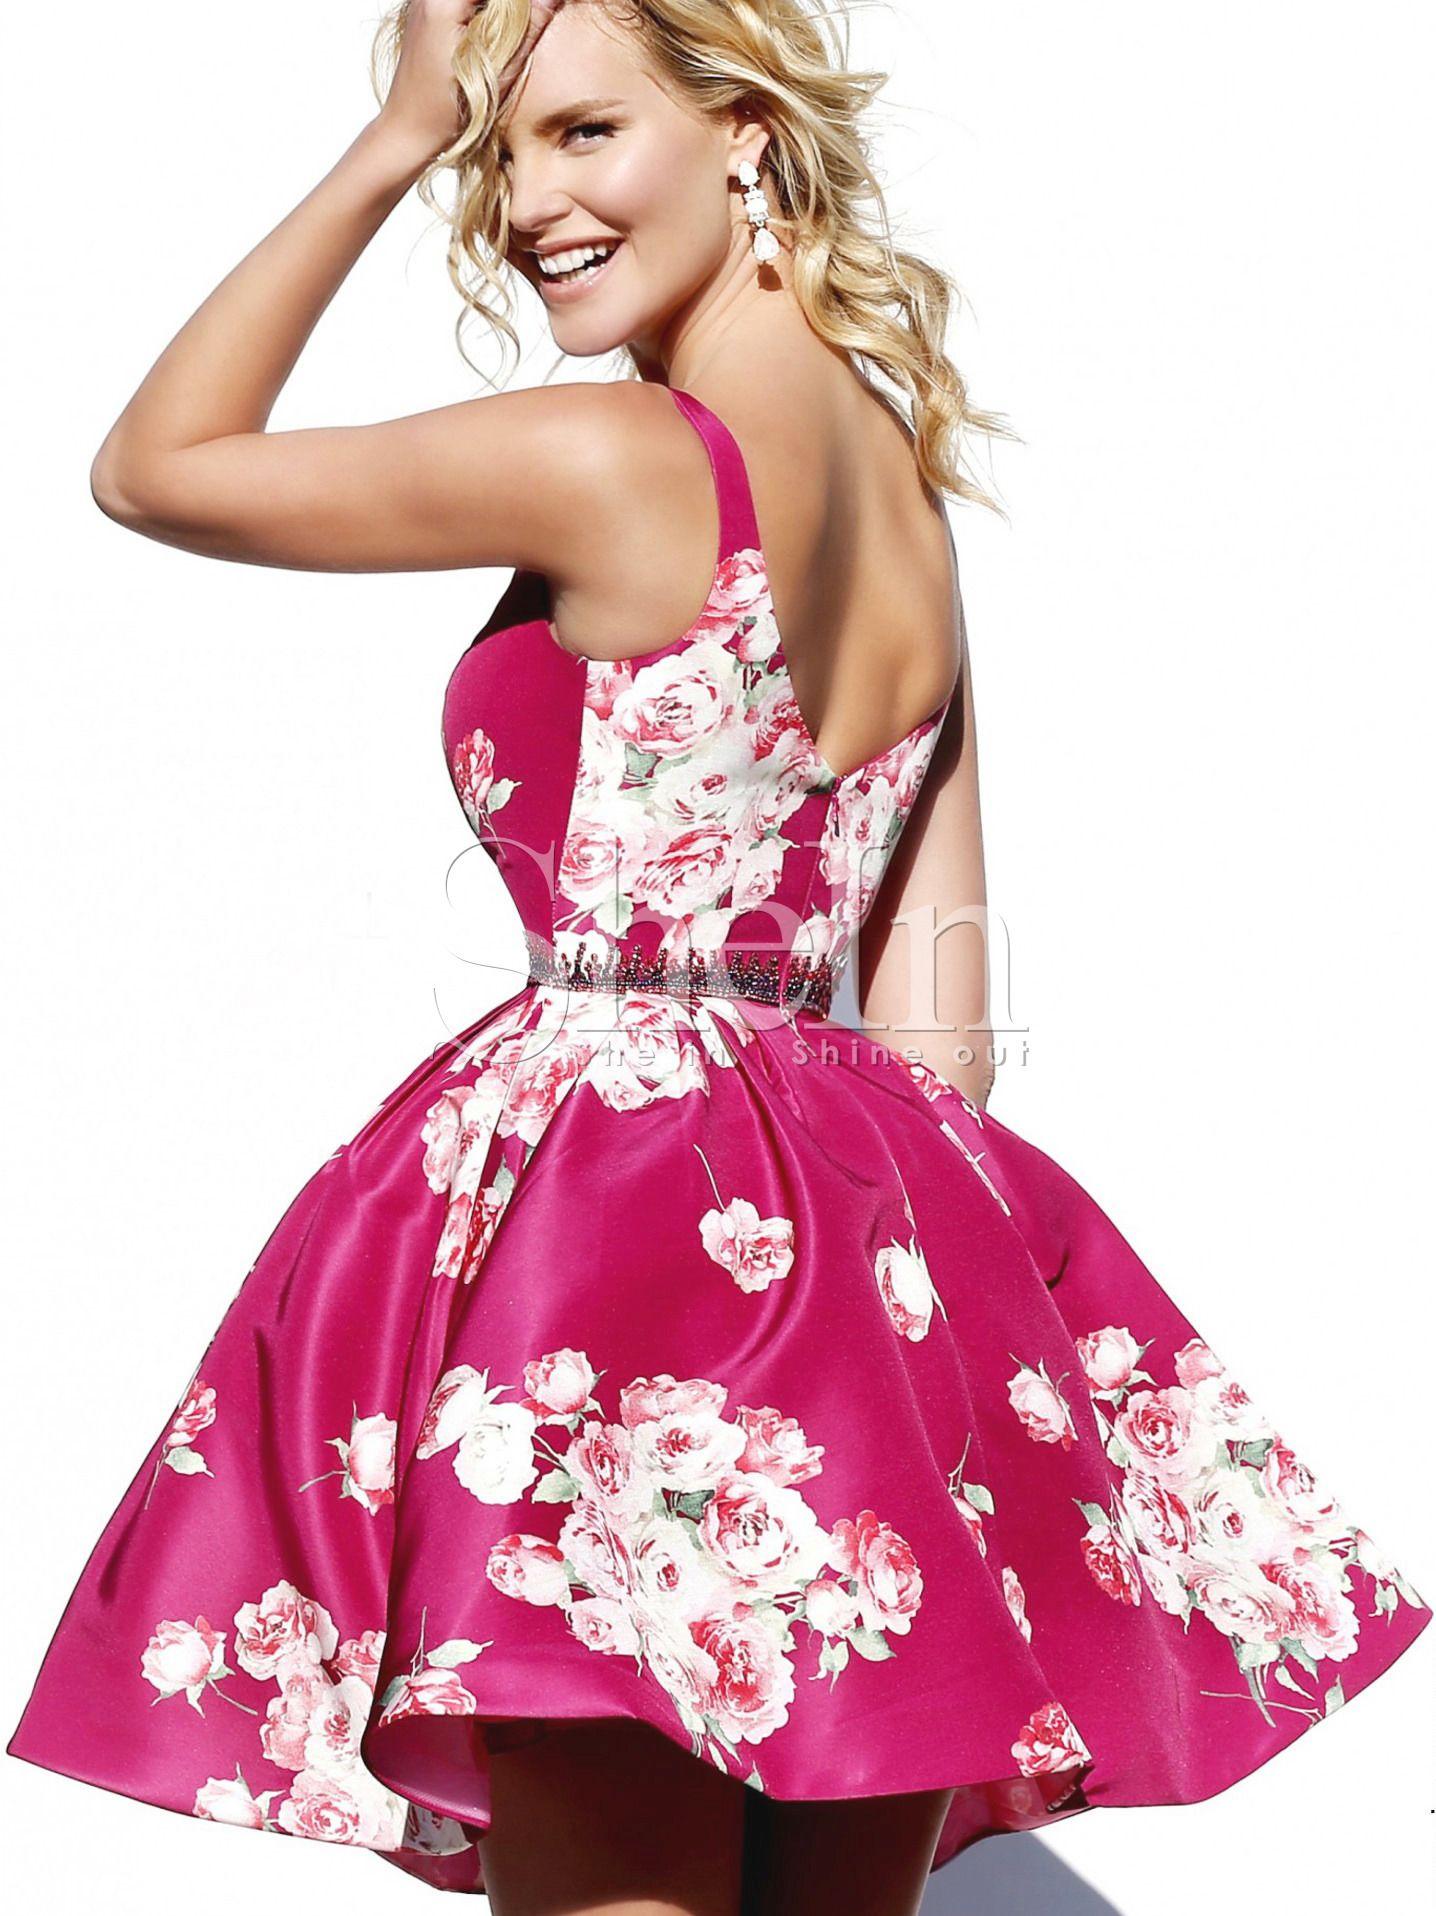 Vestido flores con vuelo cami -rosa | Pinterest | Patrones y Vestiditos